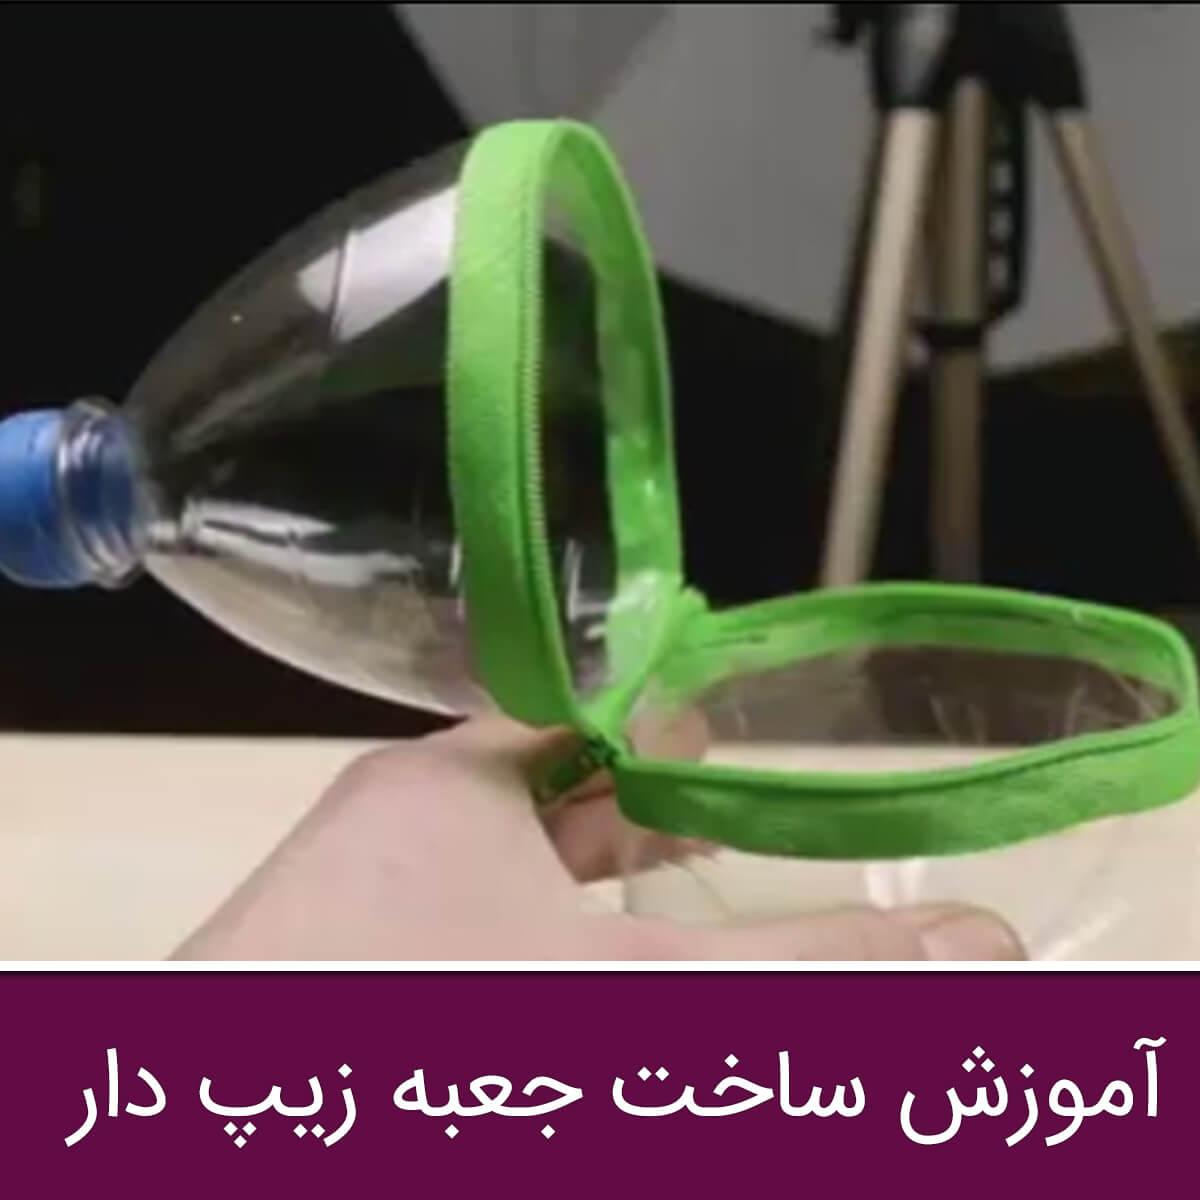 تصویر از جعبه زیپ دار، با بطری نوشابه بسازید